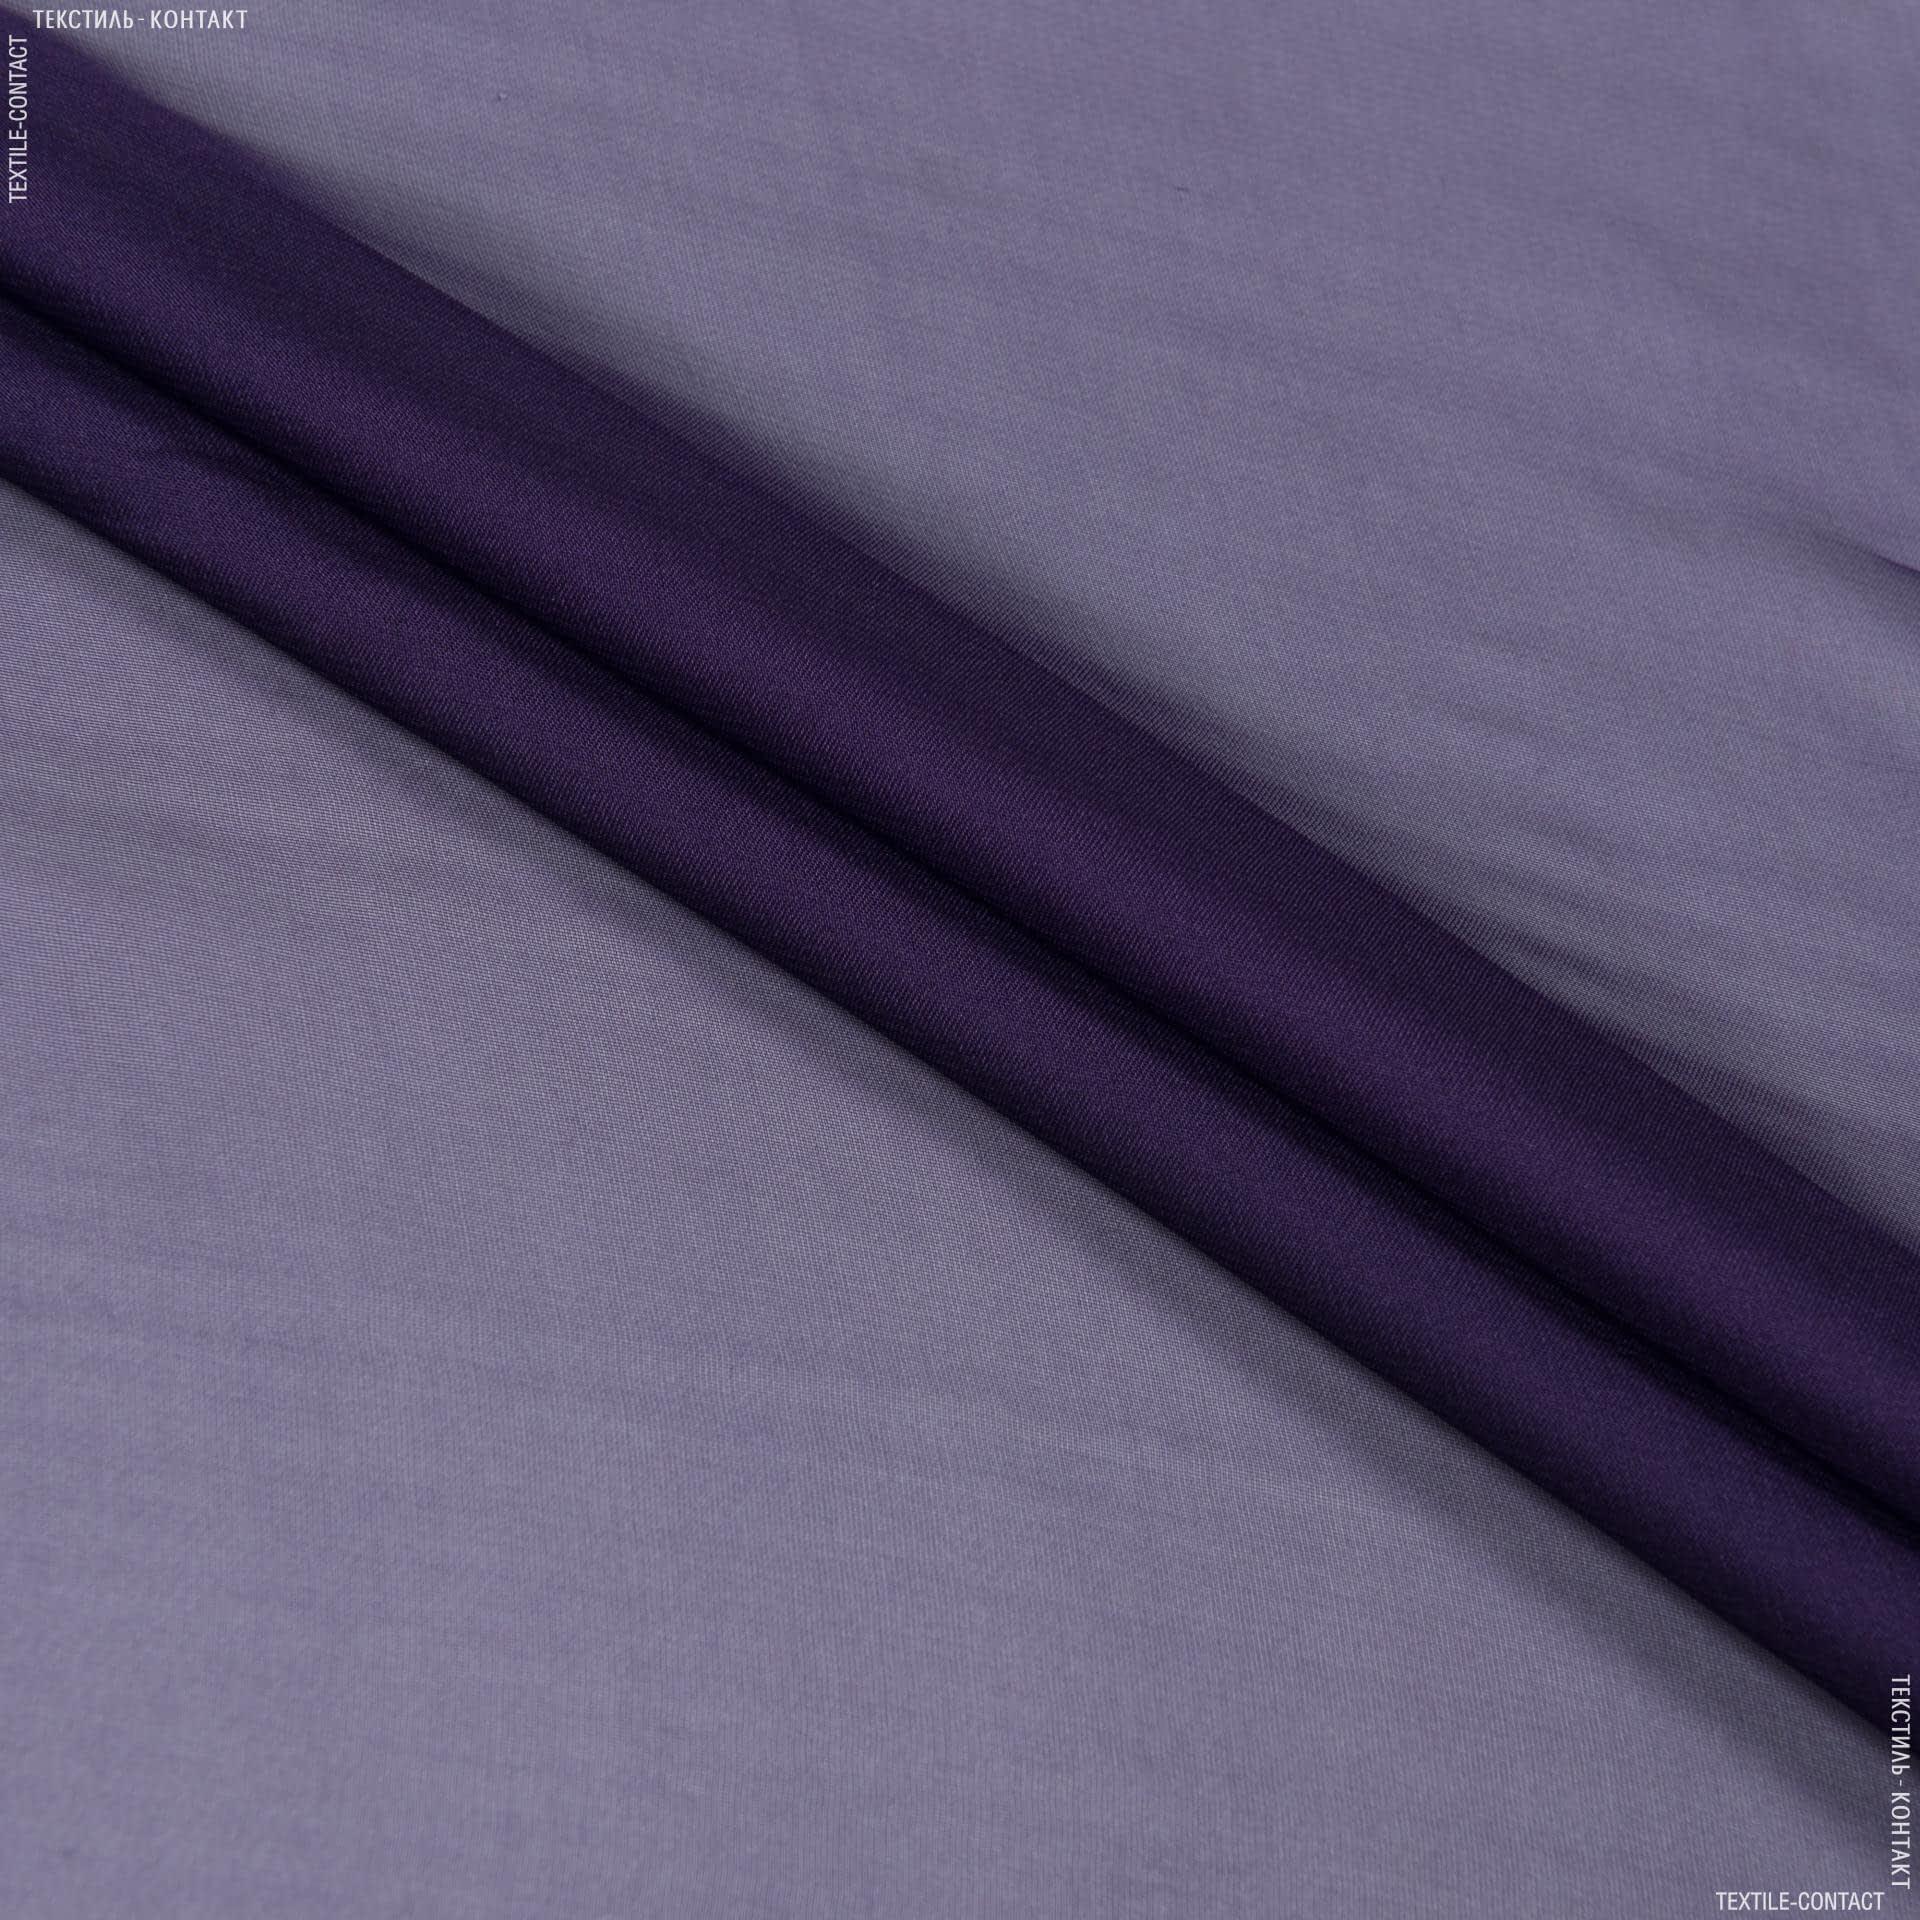 Тканини для суконь - Шифон темно-фіолетовий